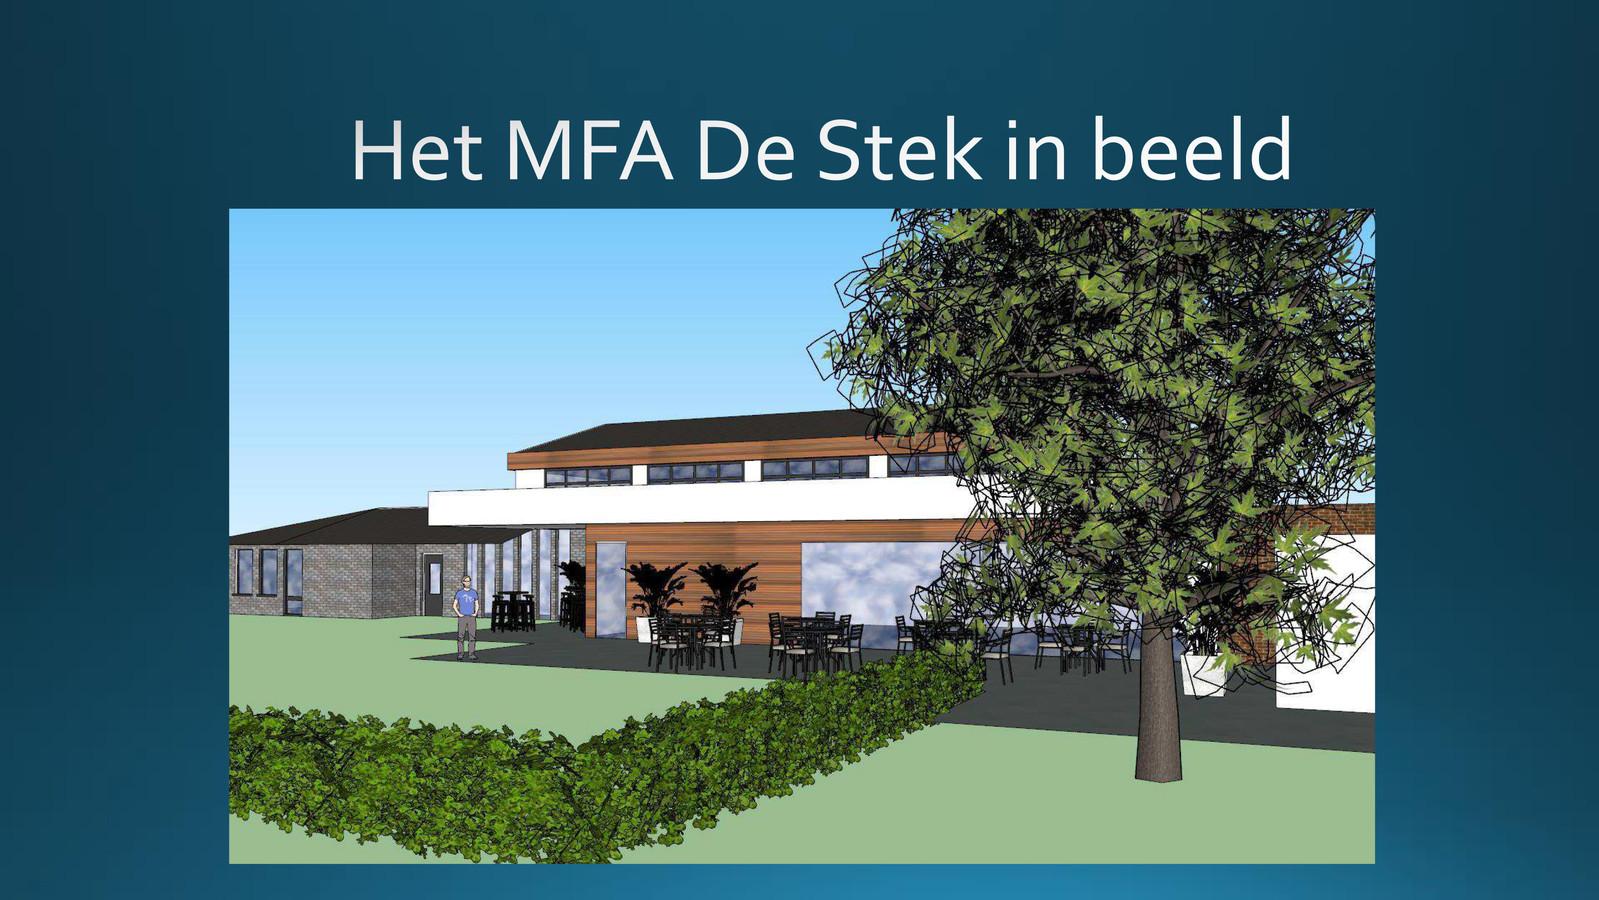 Beeld uit de presentatie van Landhorst. Het dorp wil gemeenschapshuis De Stek en de gymzaal samenvoegen.